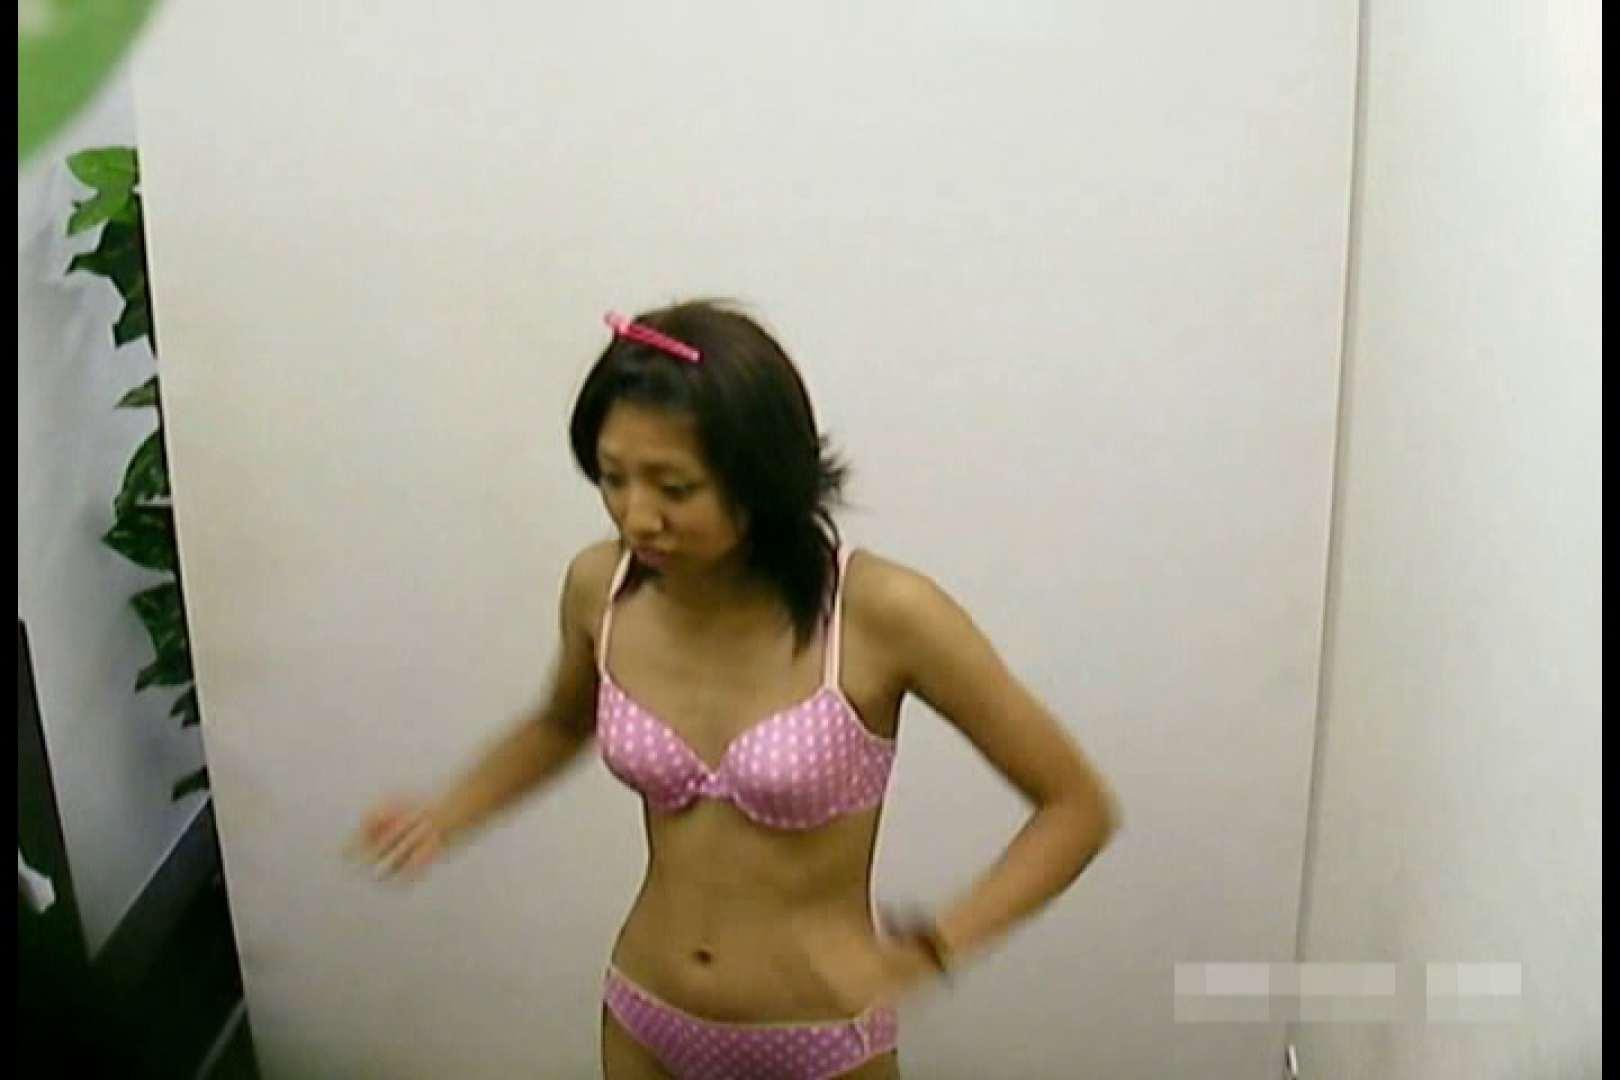 素人撮影 下着だけの撮影のはずが・・・エミちゃん18歳 おっぱい  44連発 7